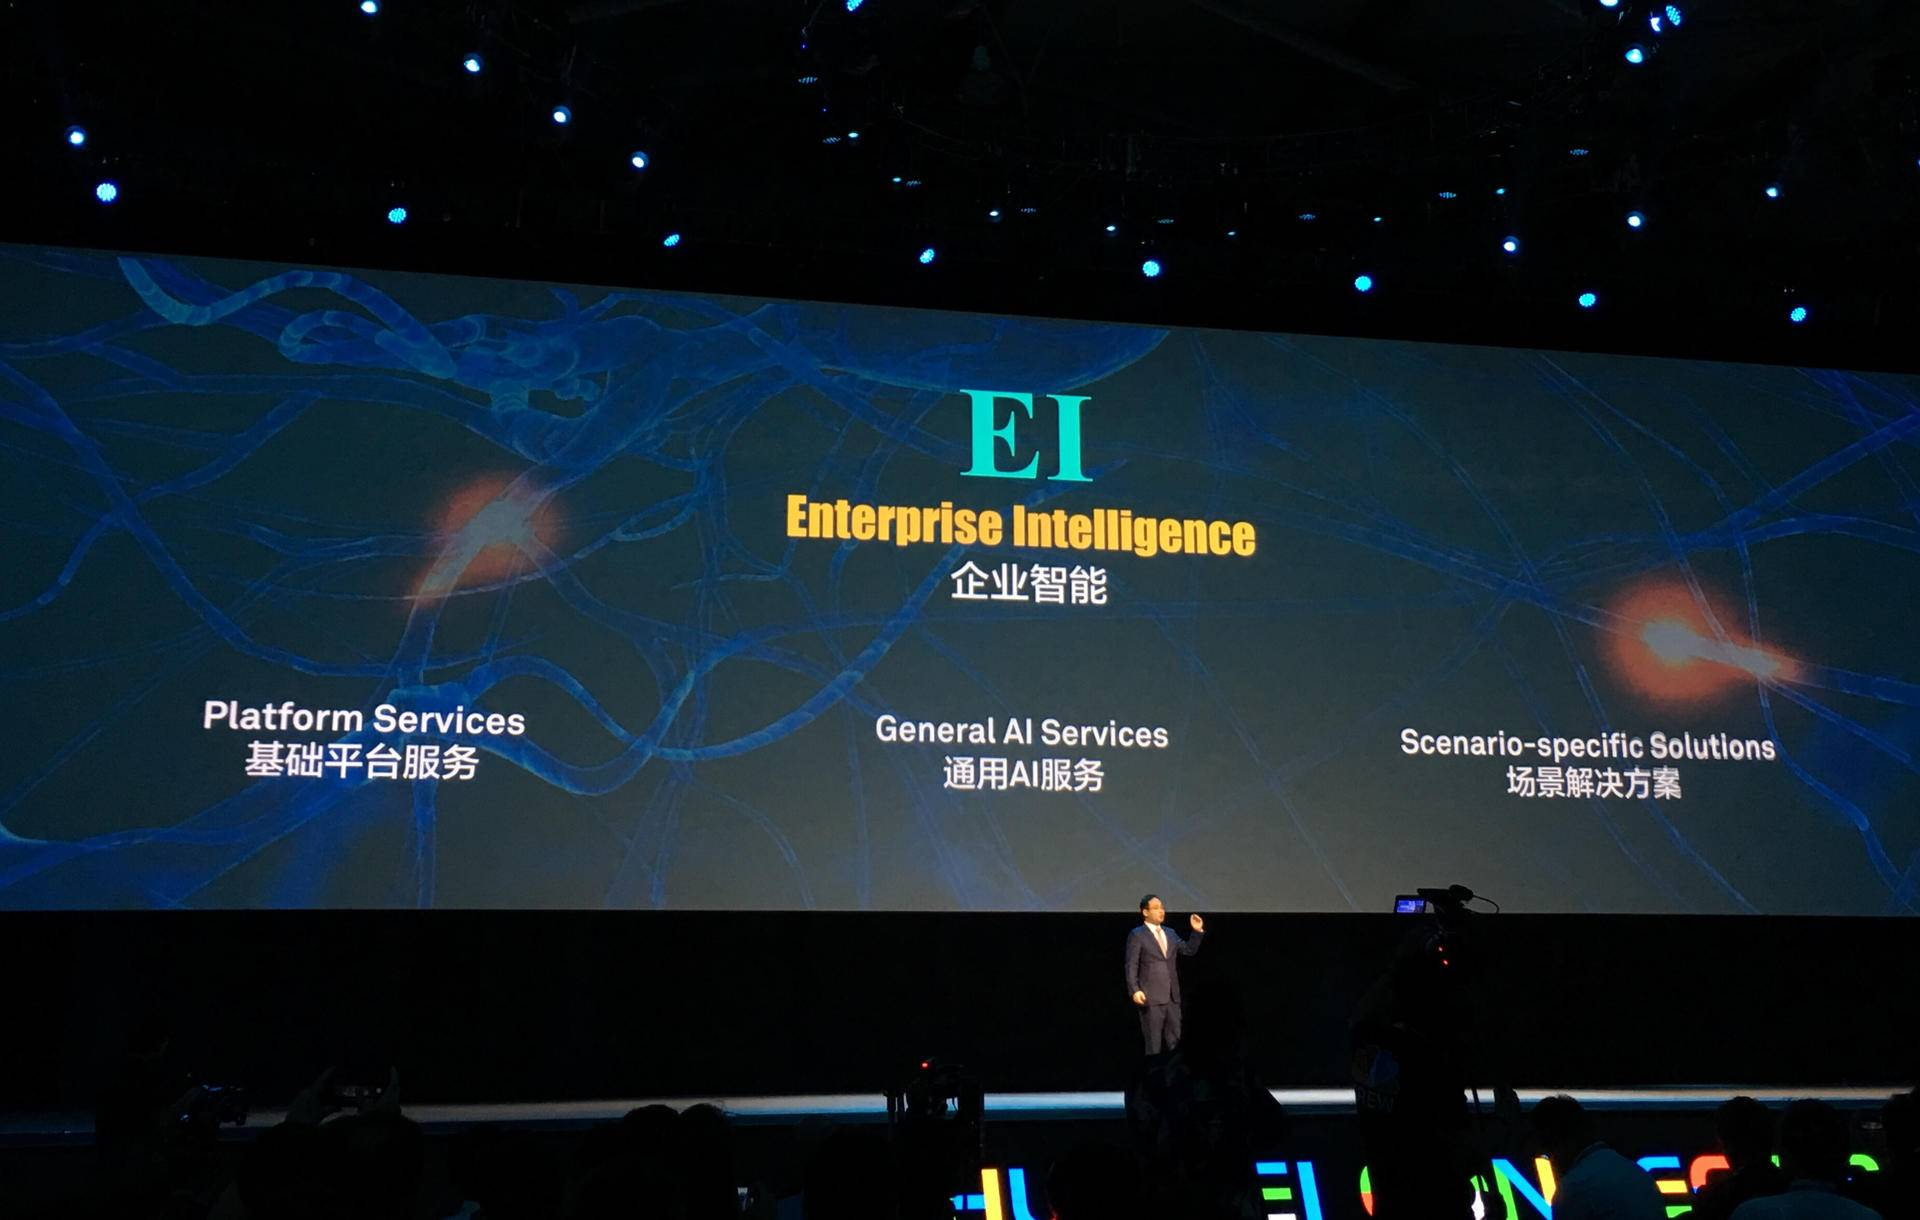 华为轮值CEO郭平:将长期投入公有云目标是世界前五